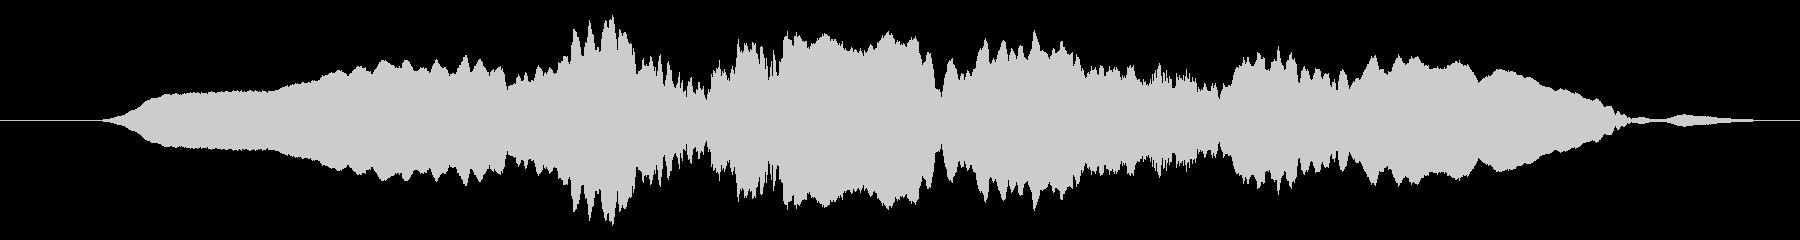 オカリナトロンボーンのグリッサンドの未再生の波形